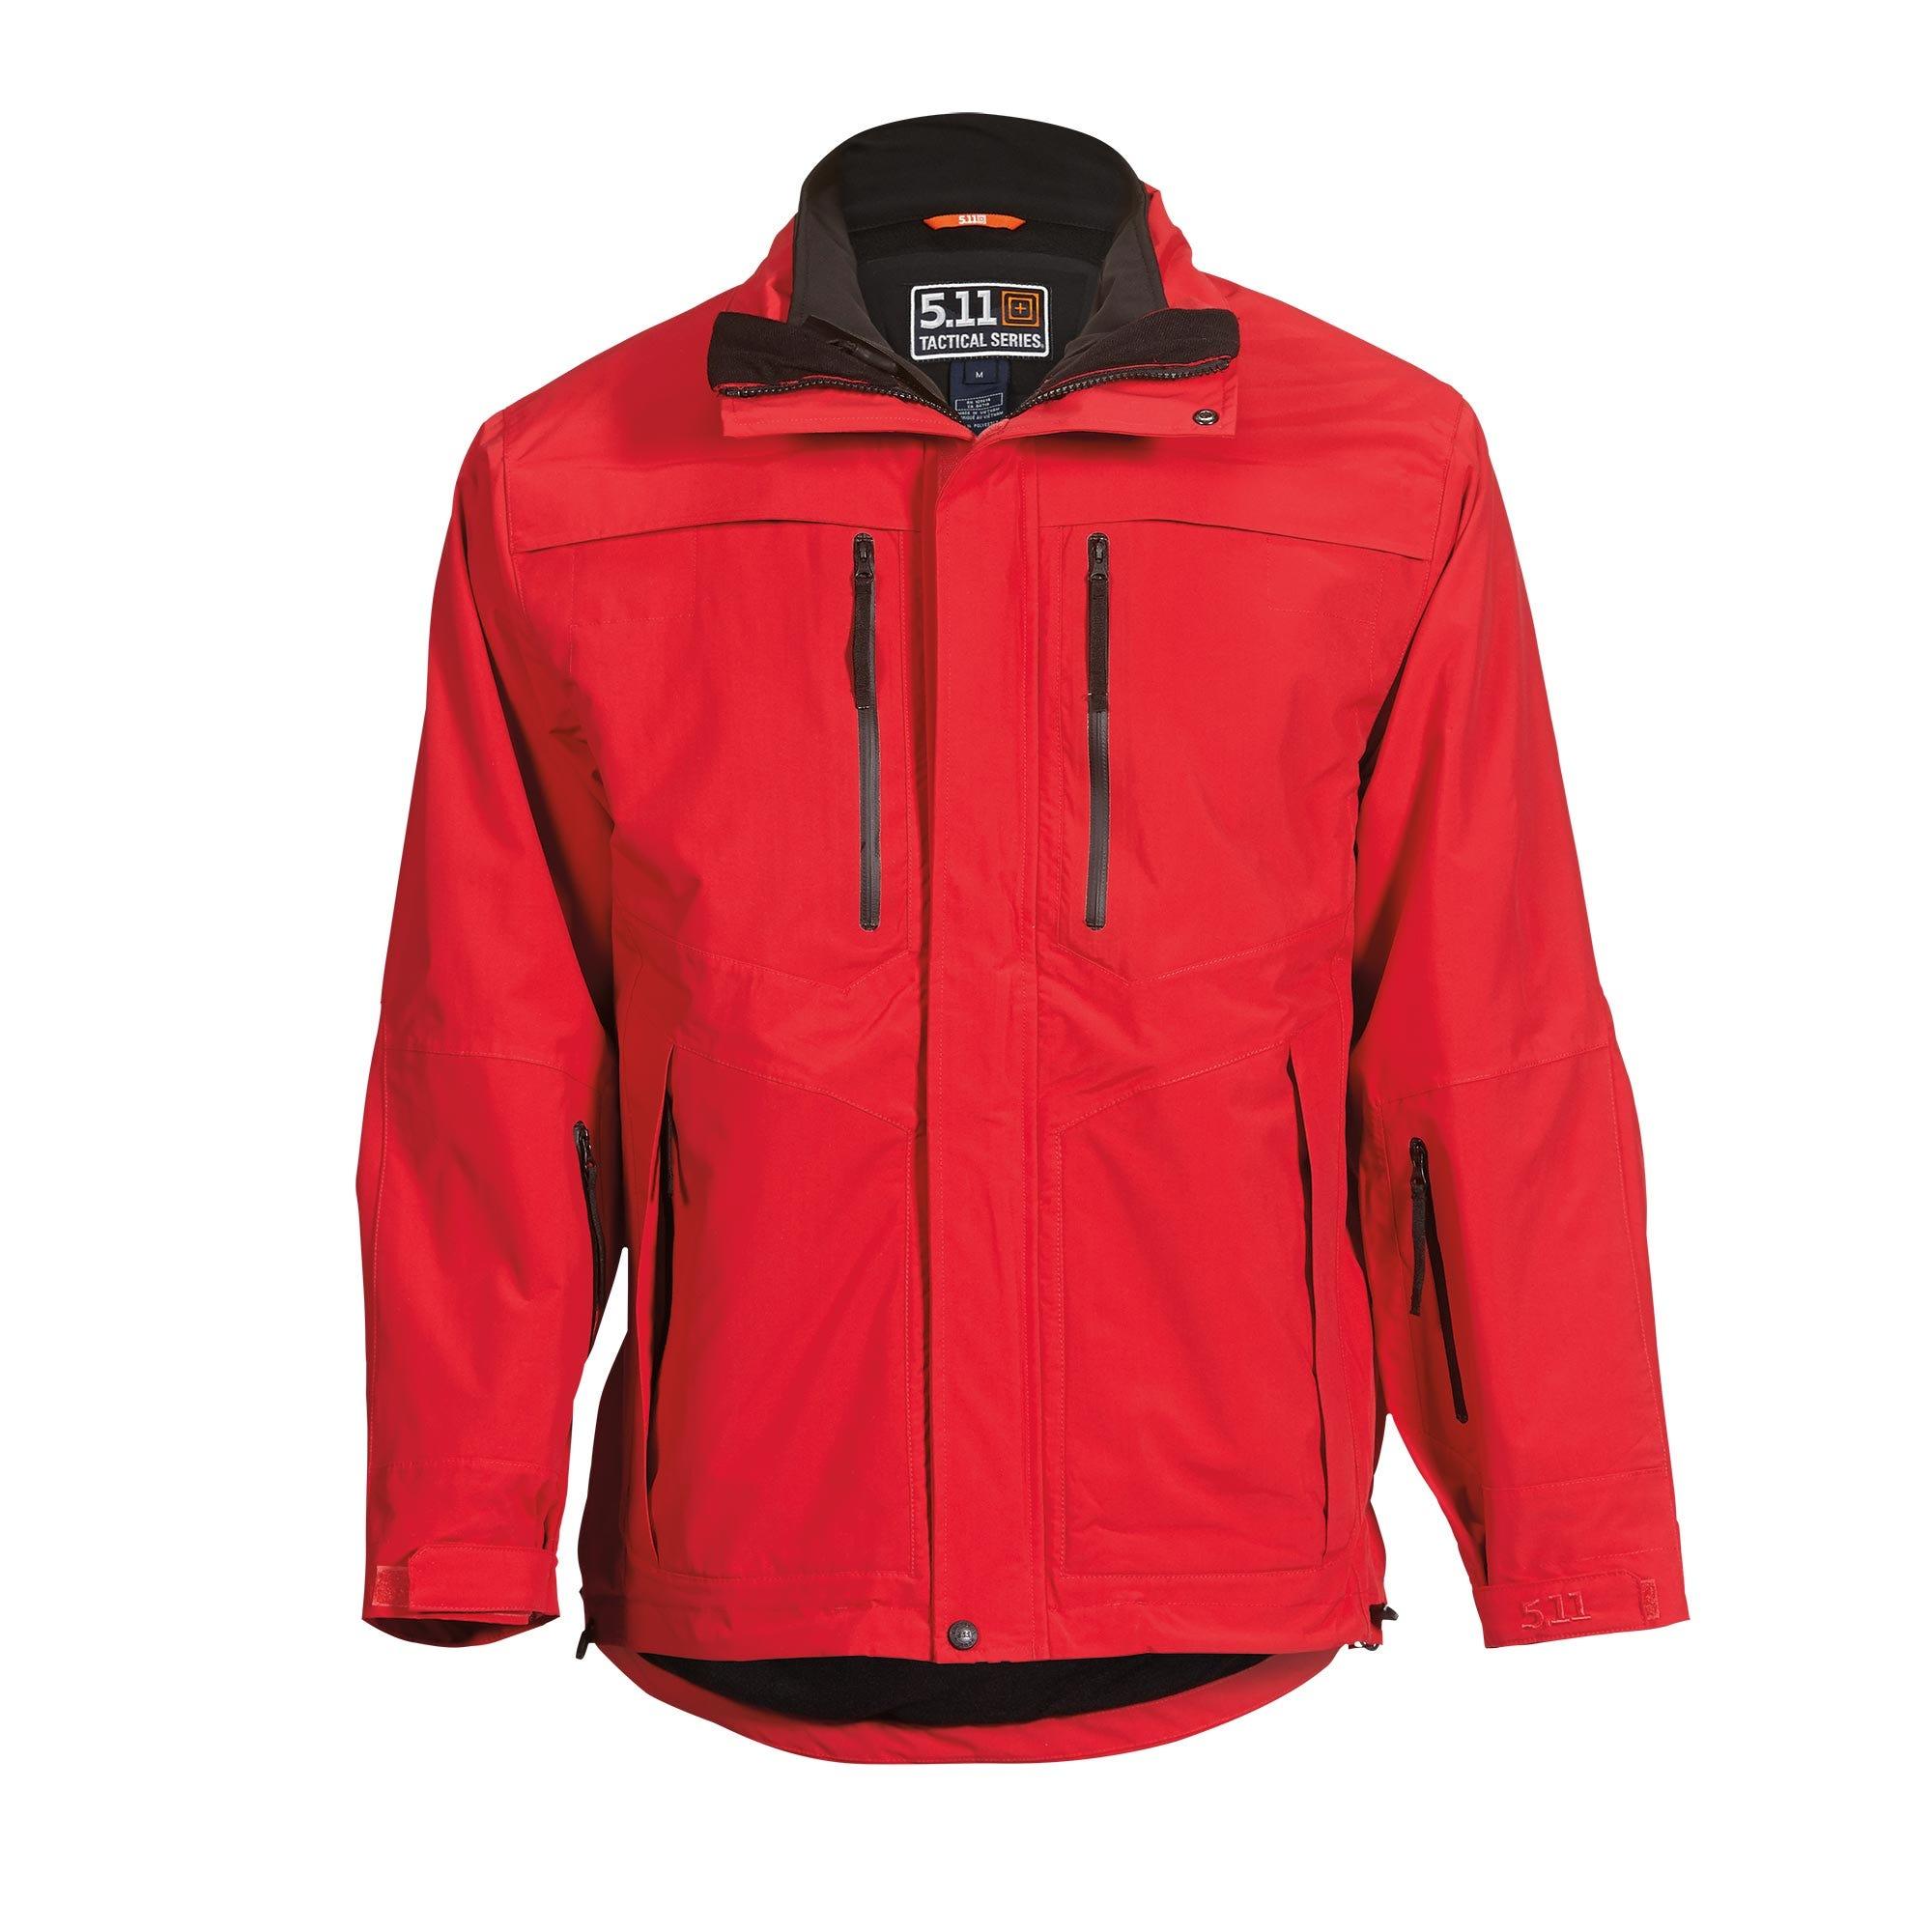 5.11 Tactical Men Bristol Parka Jacket (Red)